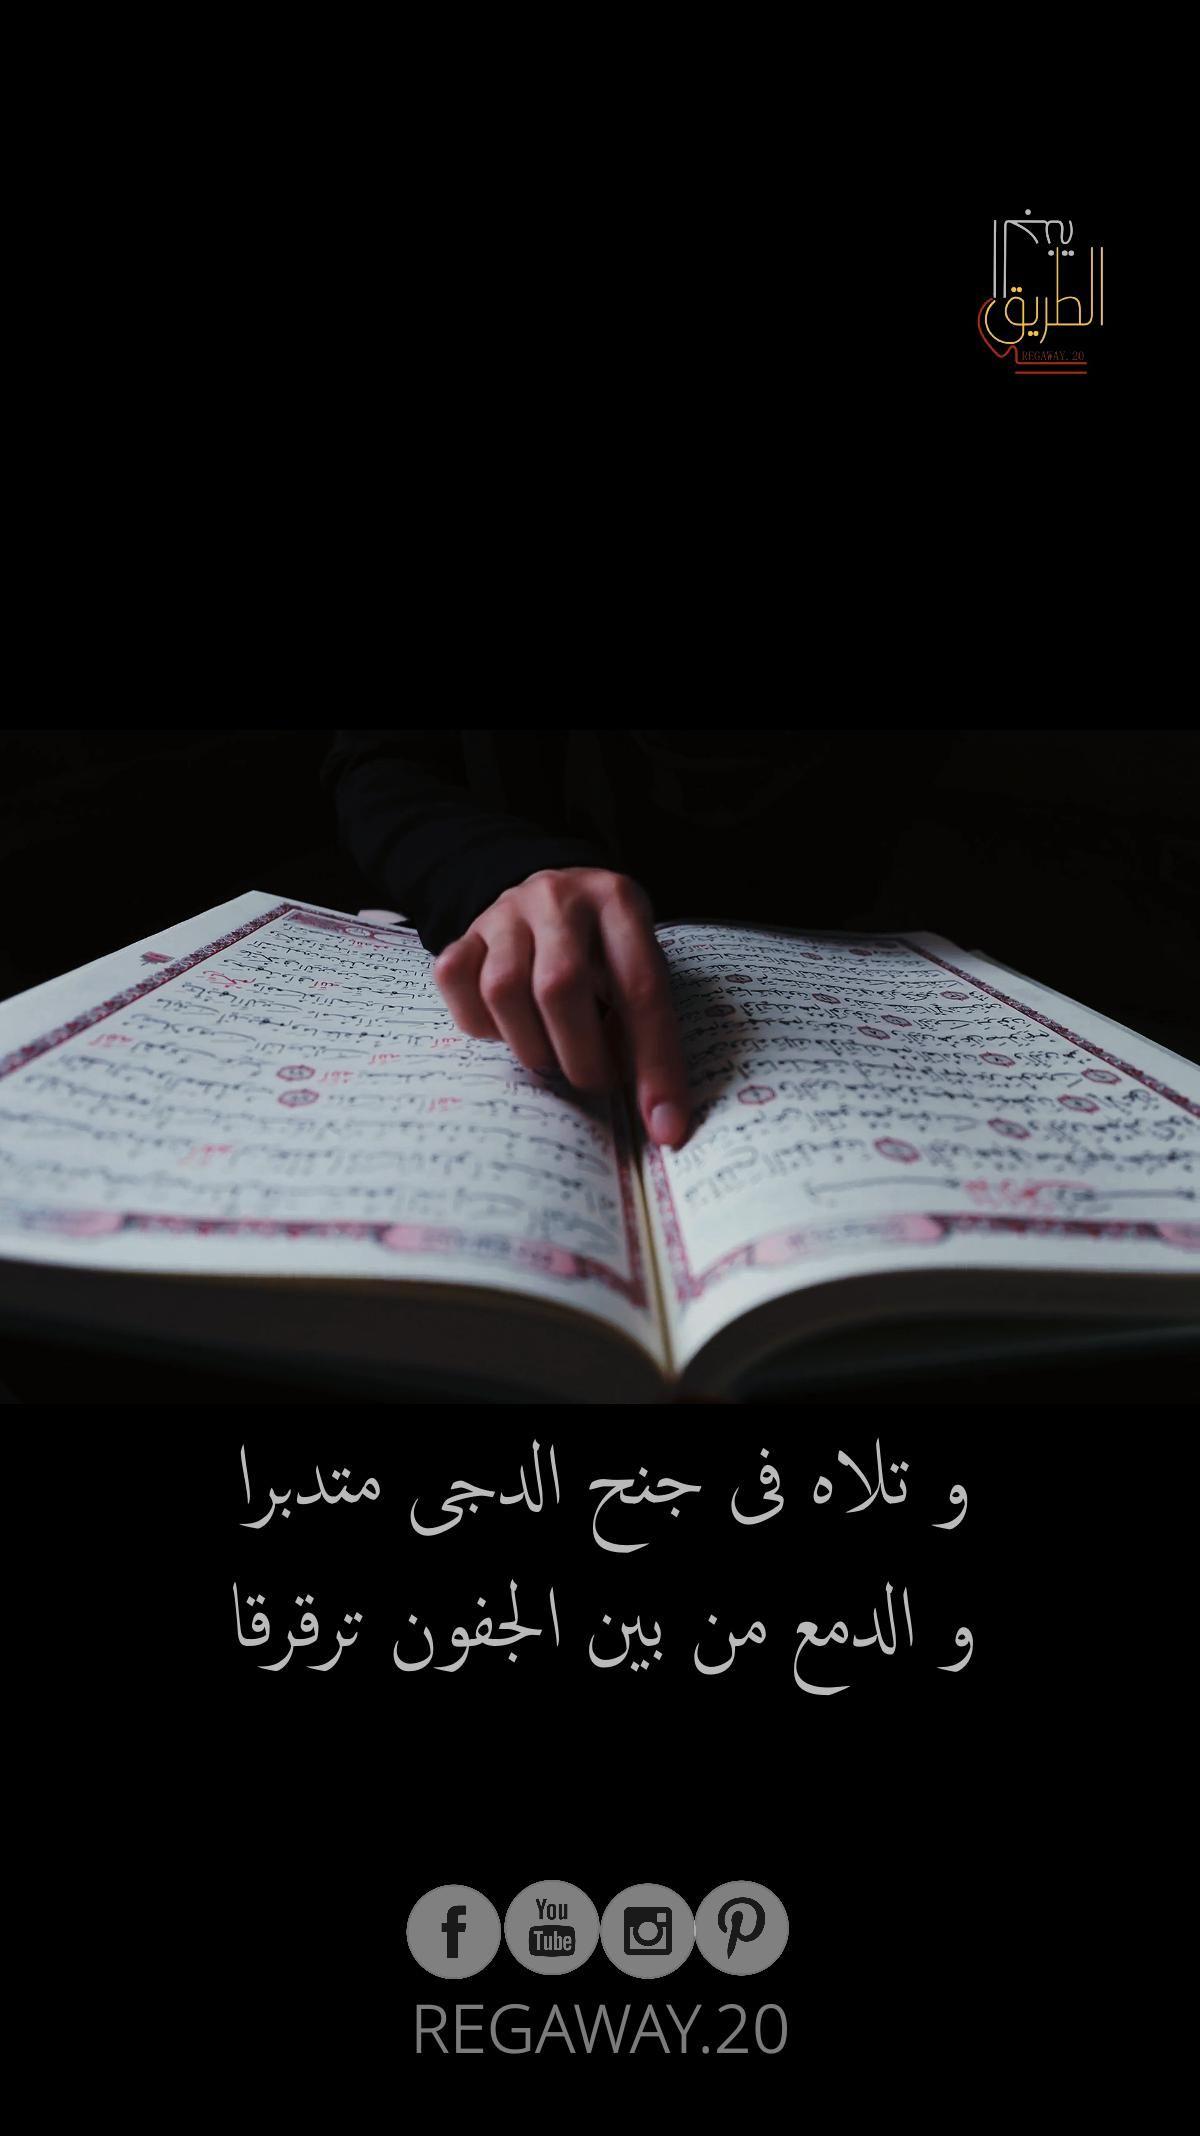 يا حافظ القرآن رتل آيه فالكل أنصت للتلاوة مطرقا Video Quran Holy Quran Islamic Nasheed